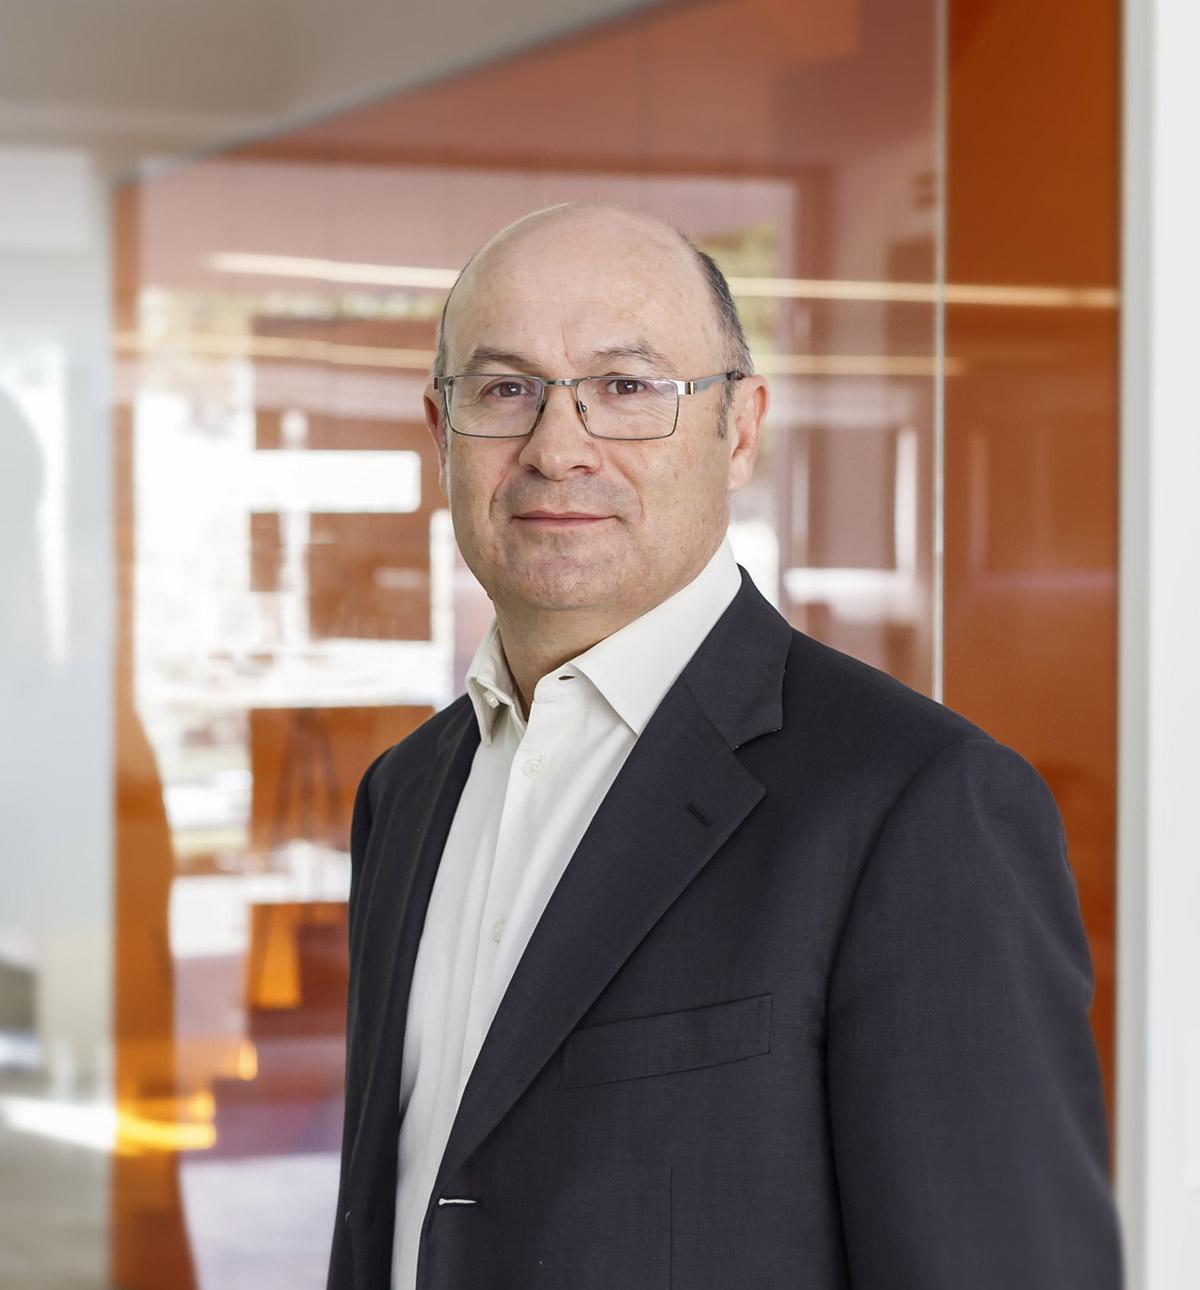 Jorge García Lorenzo. Equipo ENE Construcción. Constructora en Alicante, España